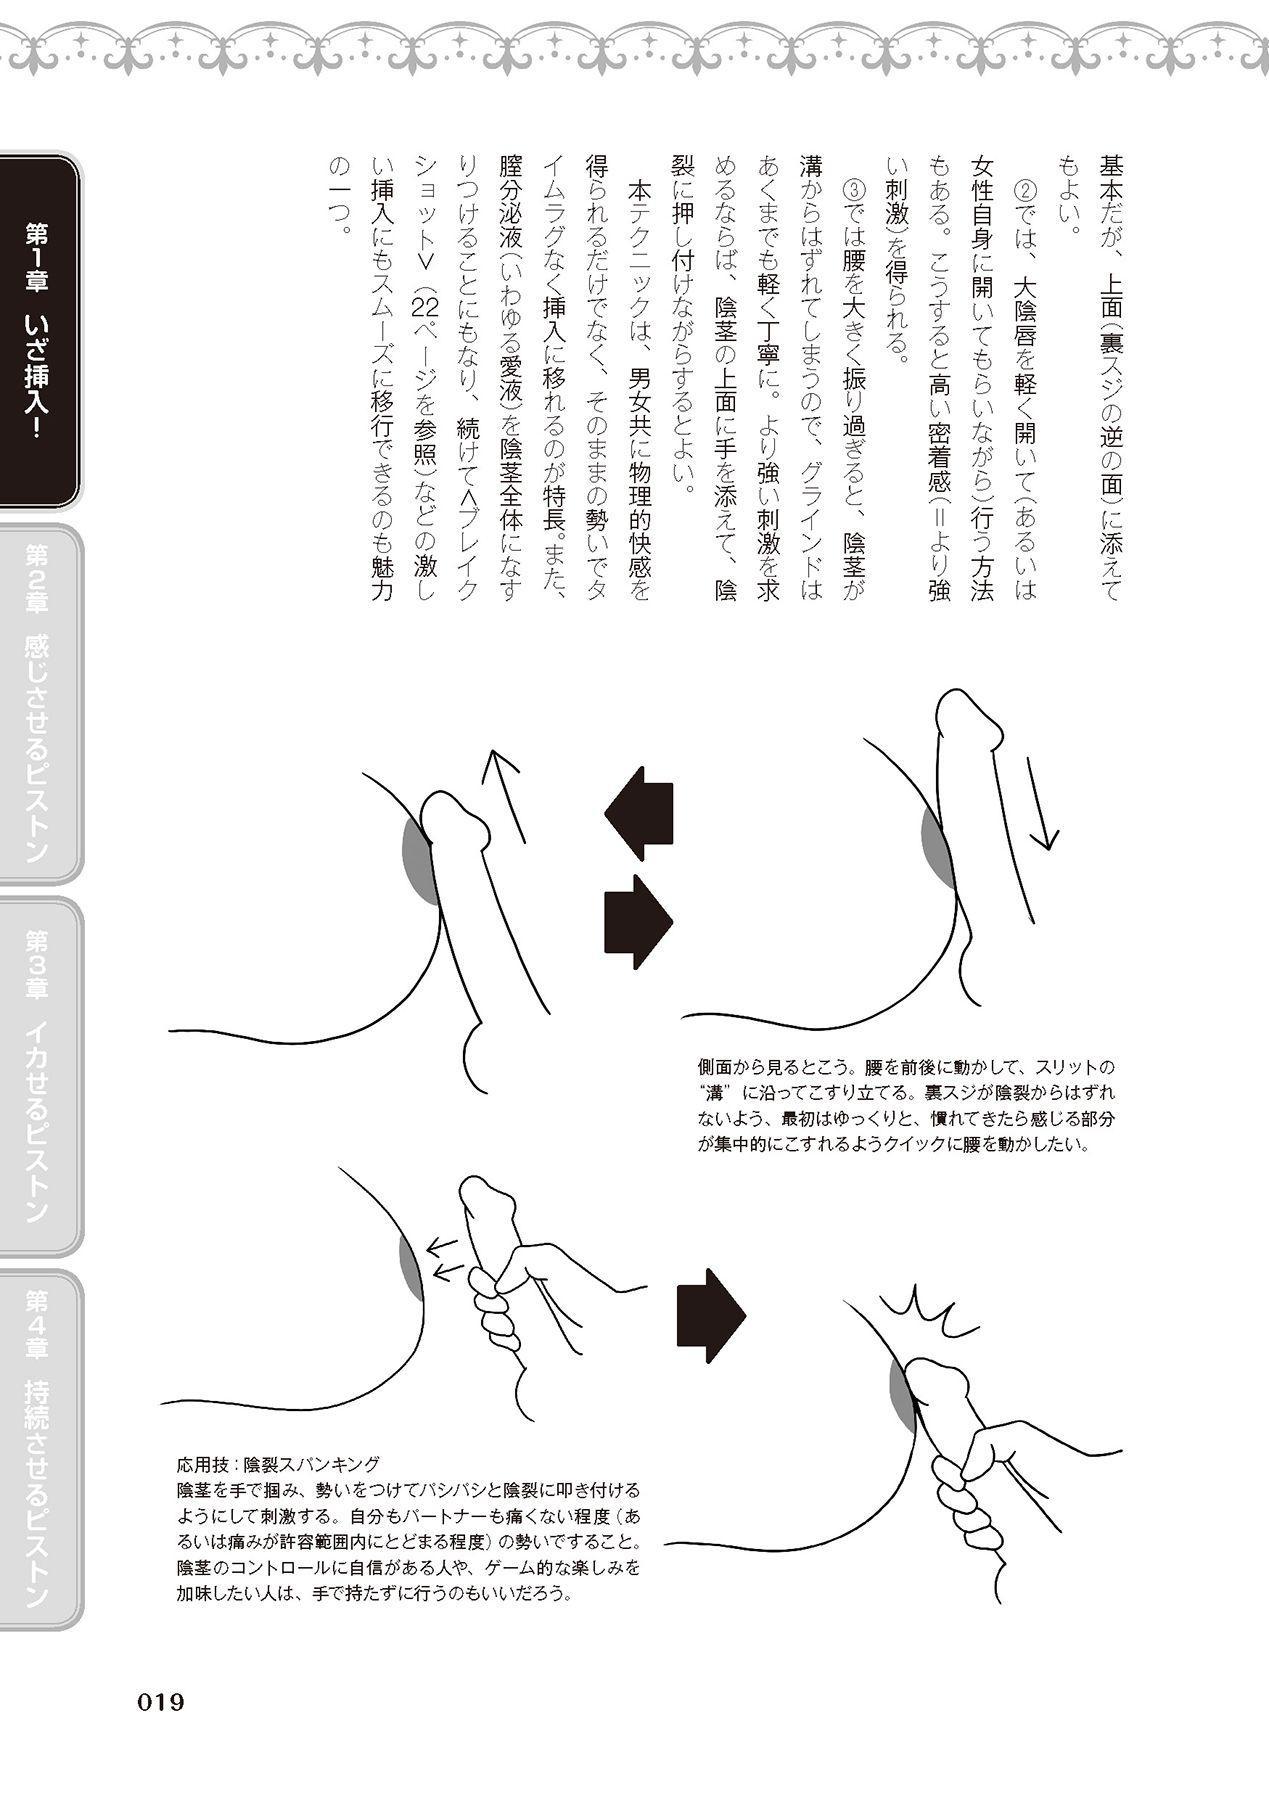 膣挿入&ピストン運動完全マニュアル イラスト版……ピスとんッ! 20